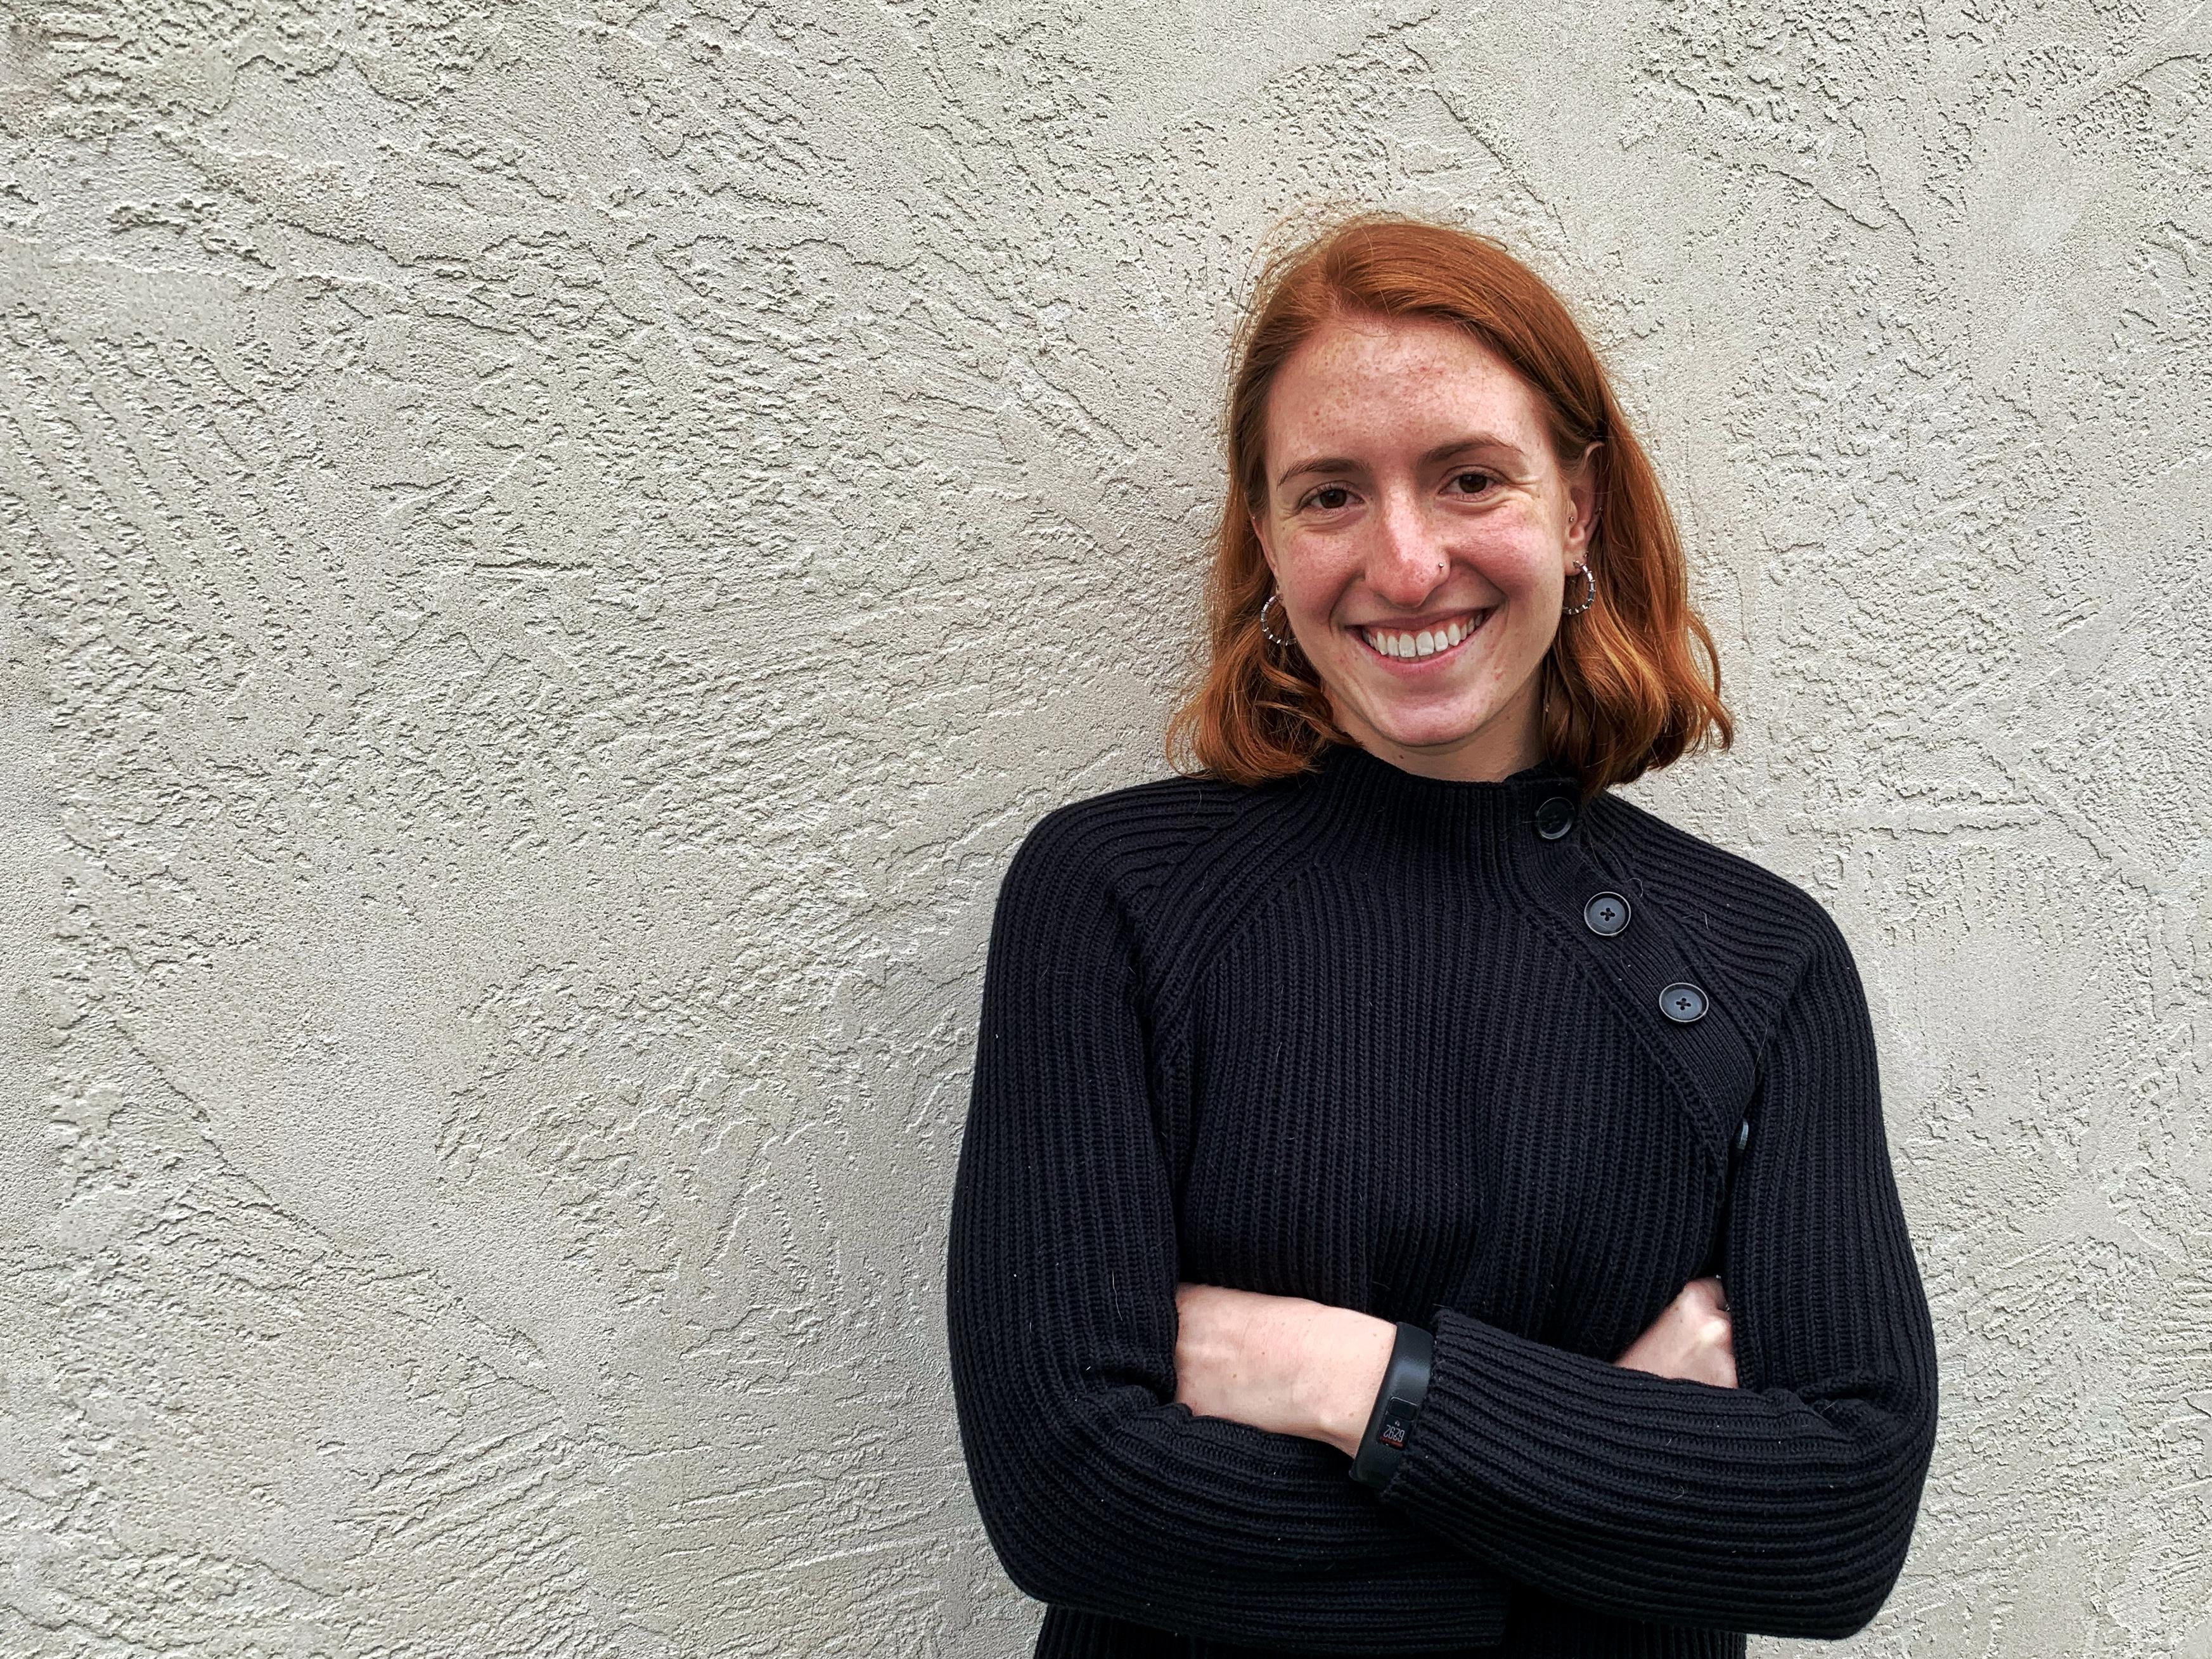 Delia MacLaughlin